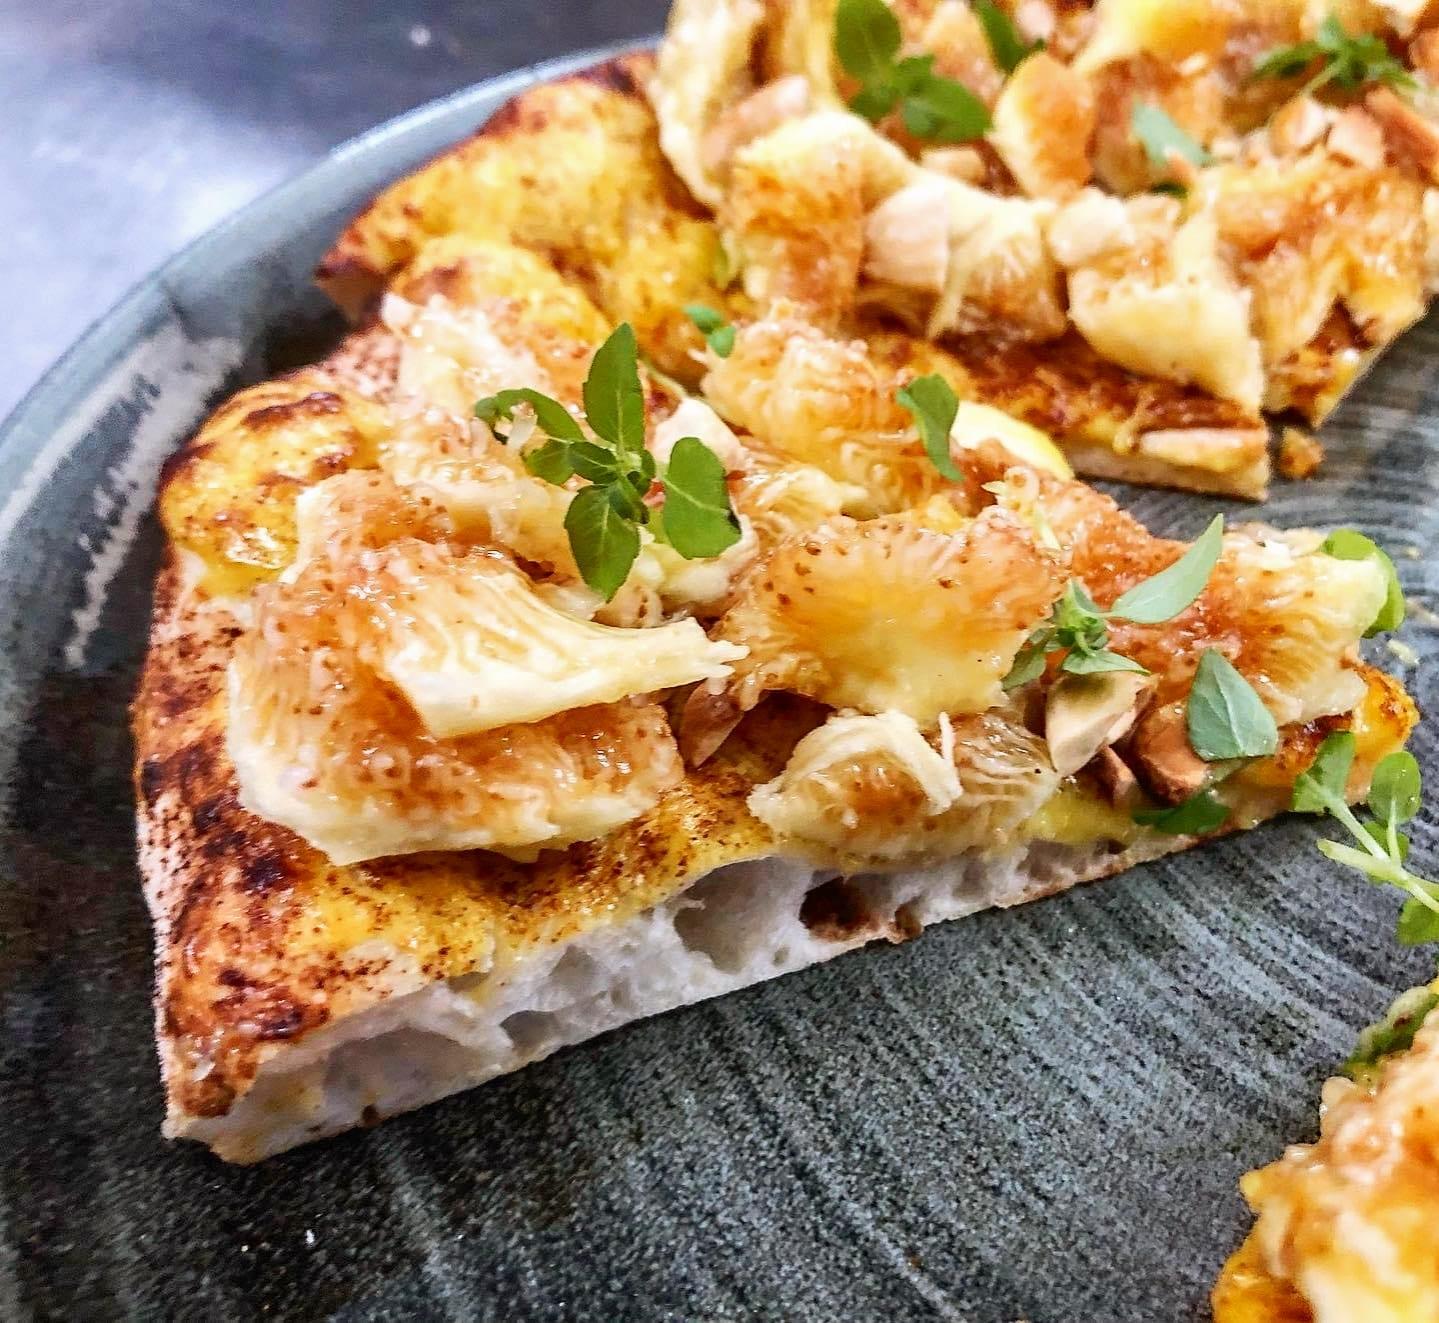 Pizza Ficata di Ivano Veccia con fichi, crema pasticcera e mandorle